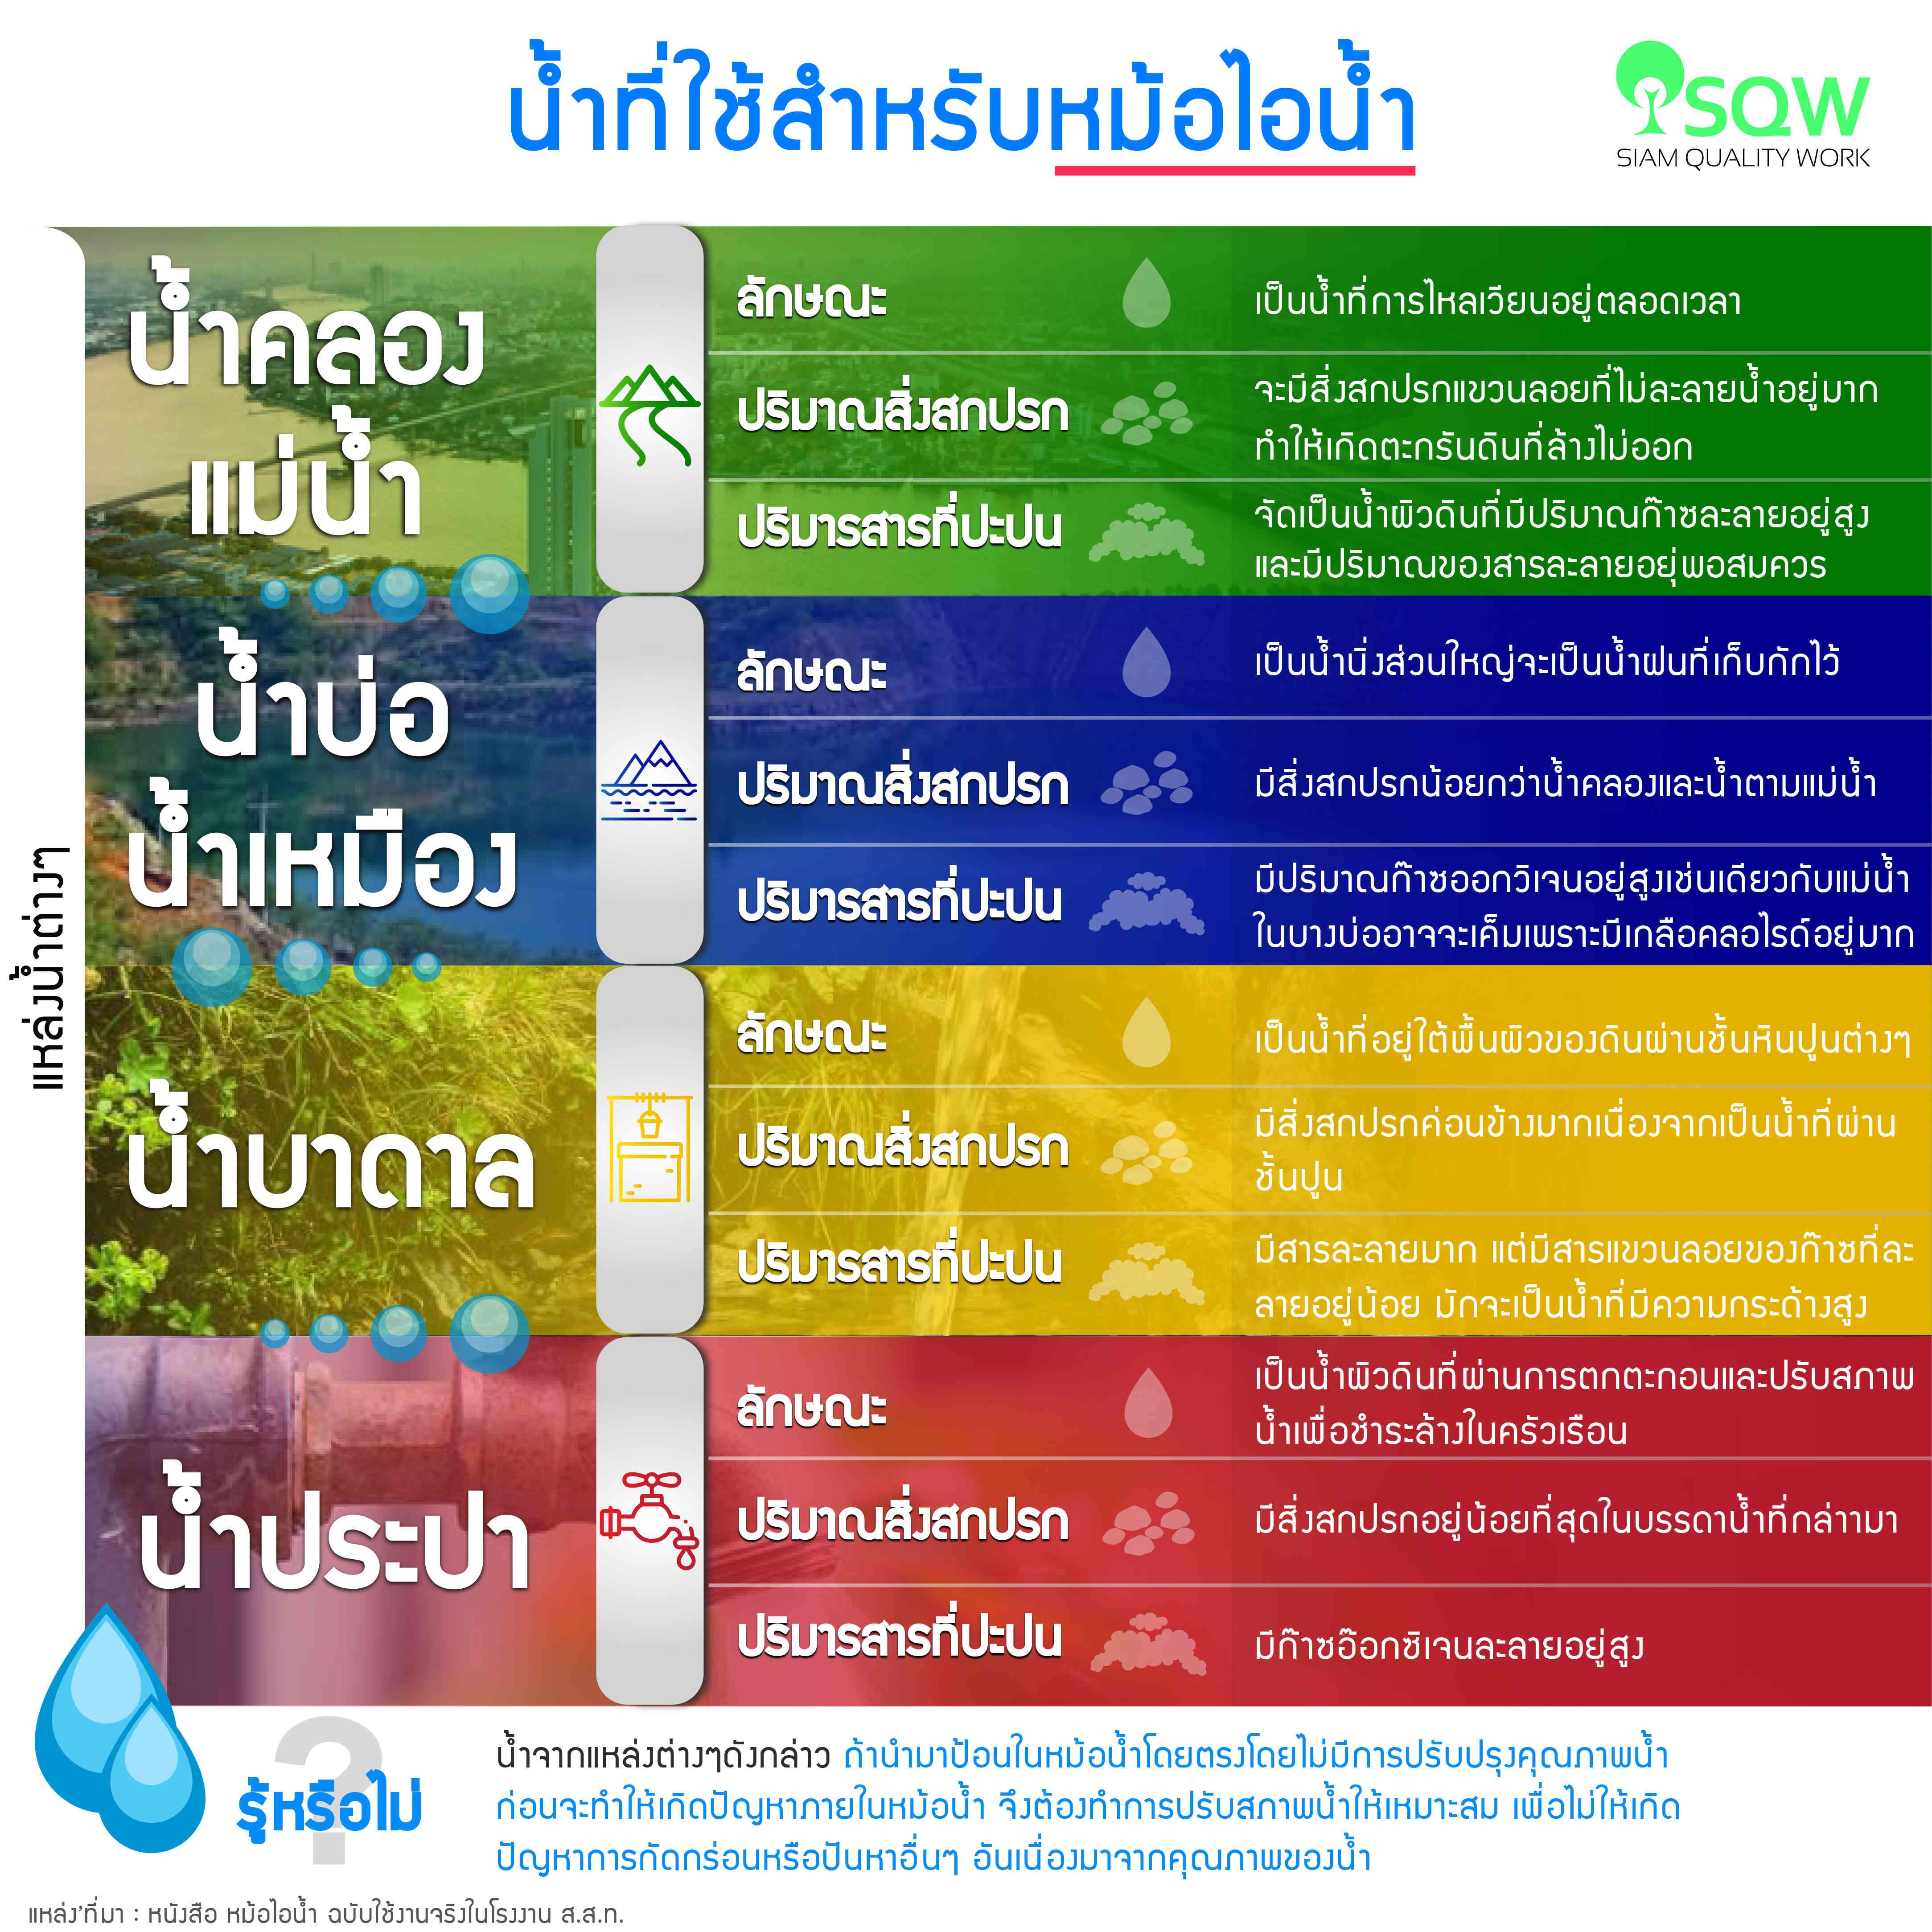 น้ำที่ใช้สำหรับหม้อไอน้ำ